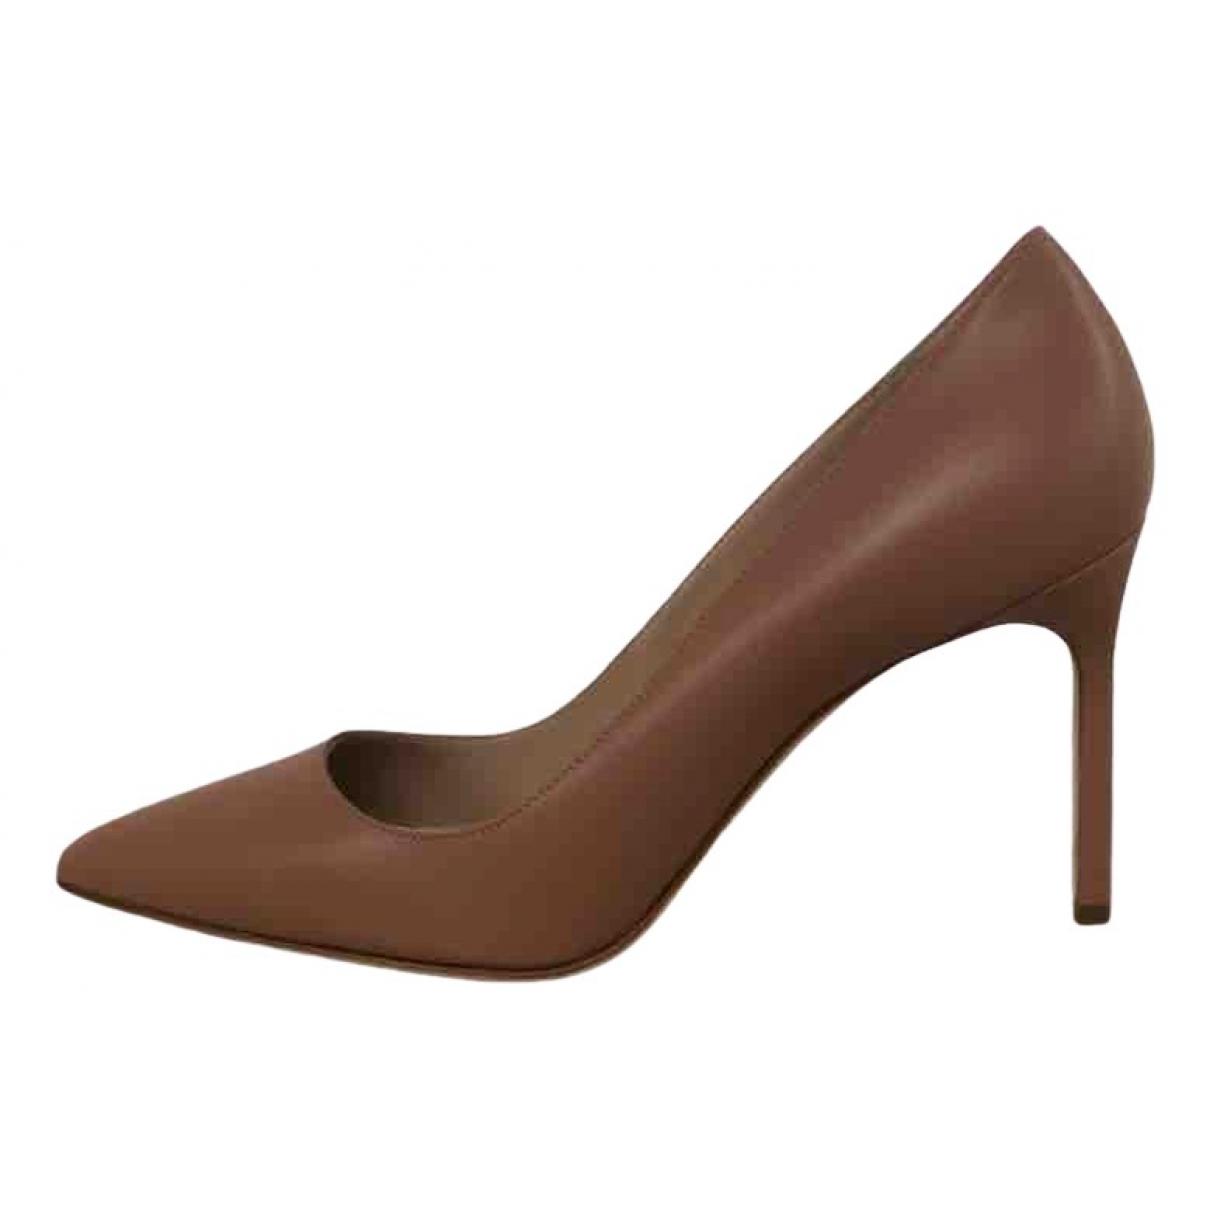 Manolo Blahnik - Escarpins   pour femme en cuir - marron